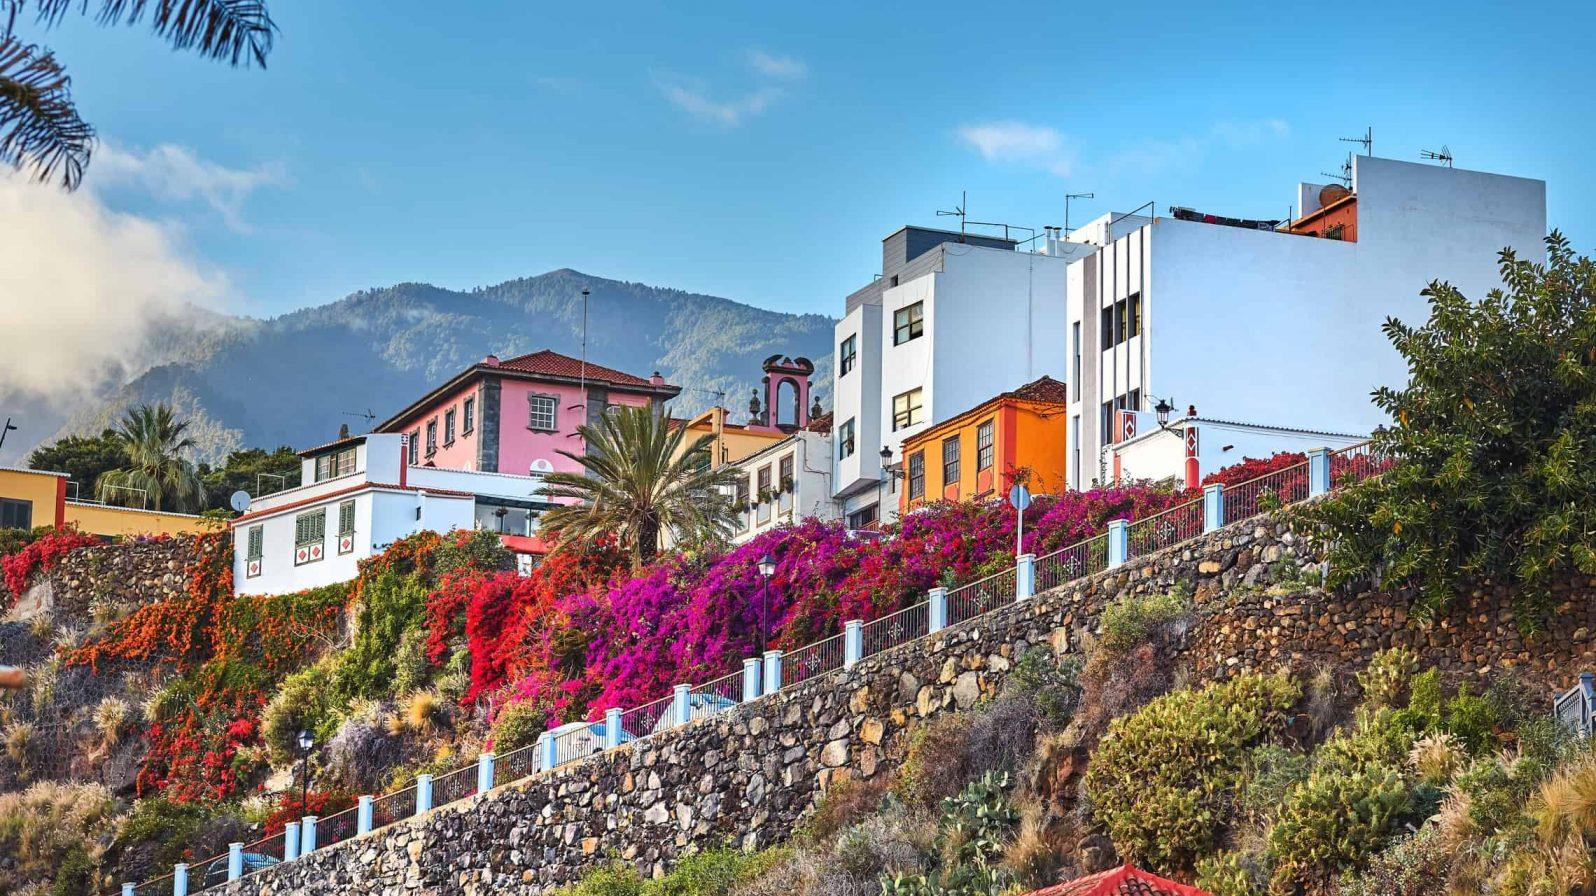 Vanhoja-taloja-Santa-Cruz-La-Palma-Kanariansaaret-1596x896.jpeg